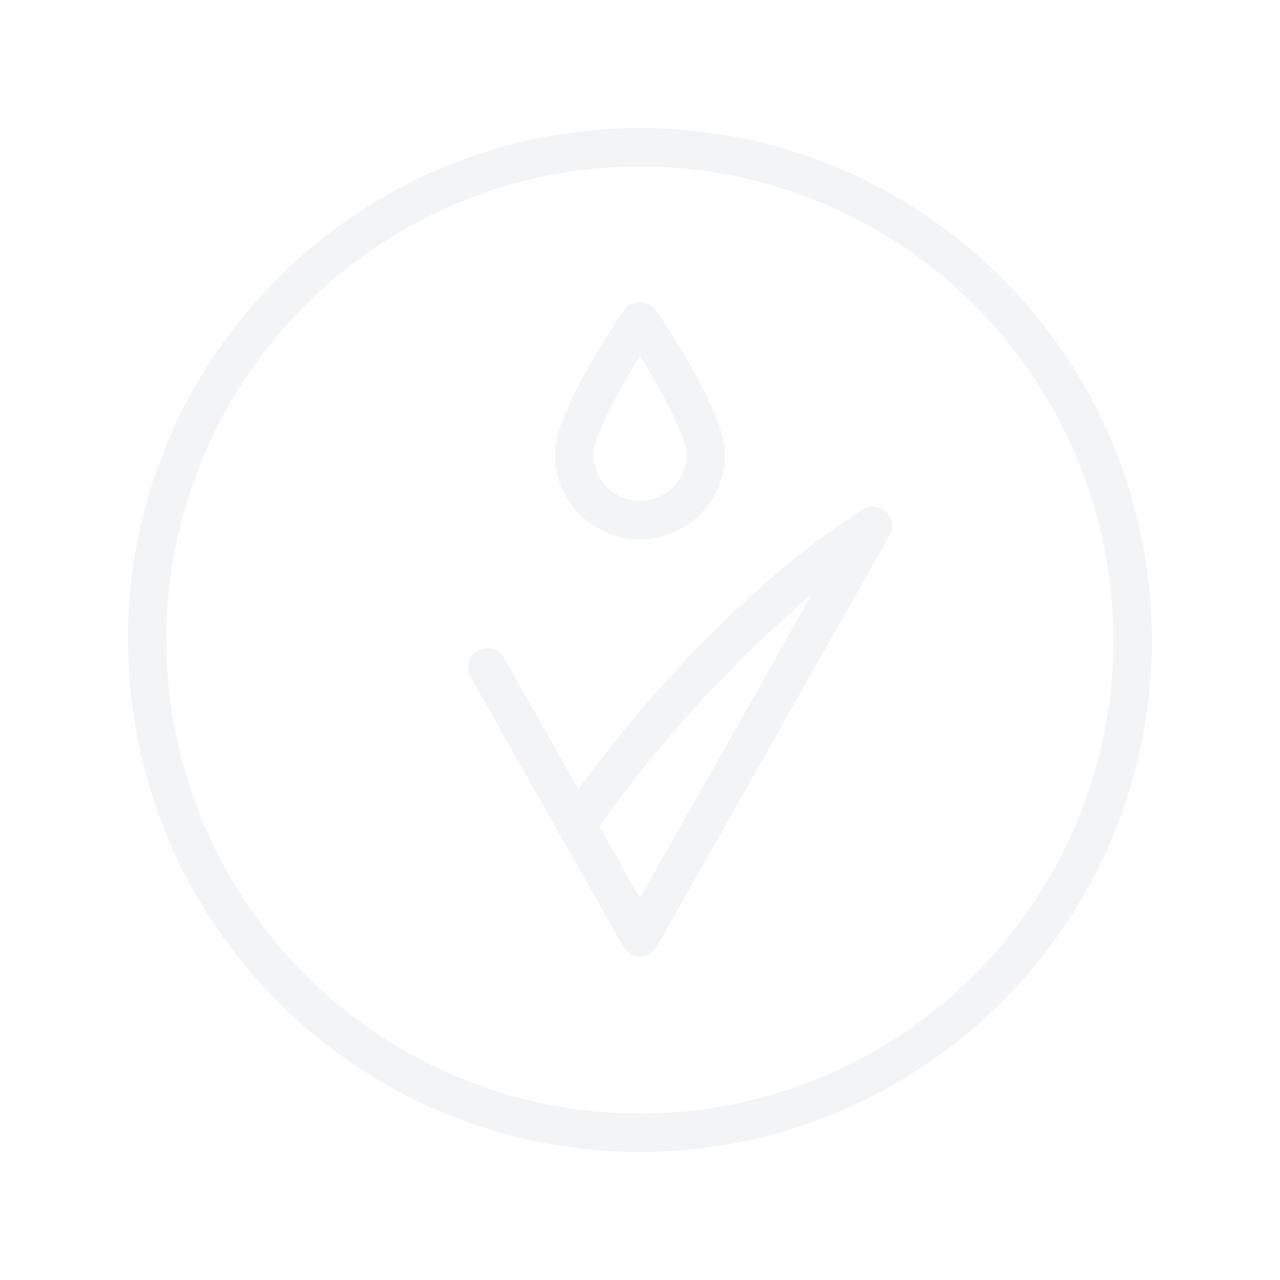 ZADIG & VOLTAIRE This Is Him Eau De Toilette